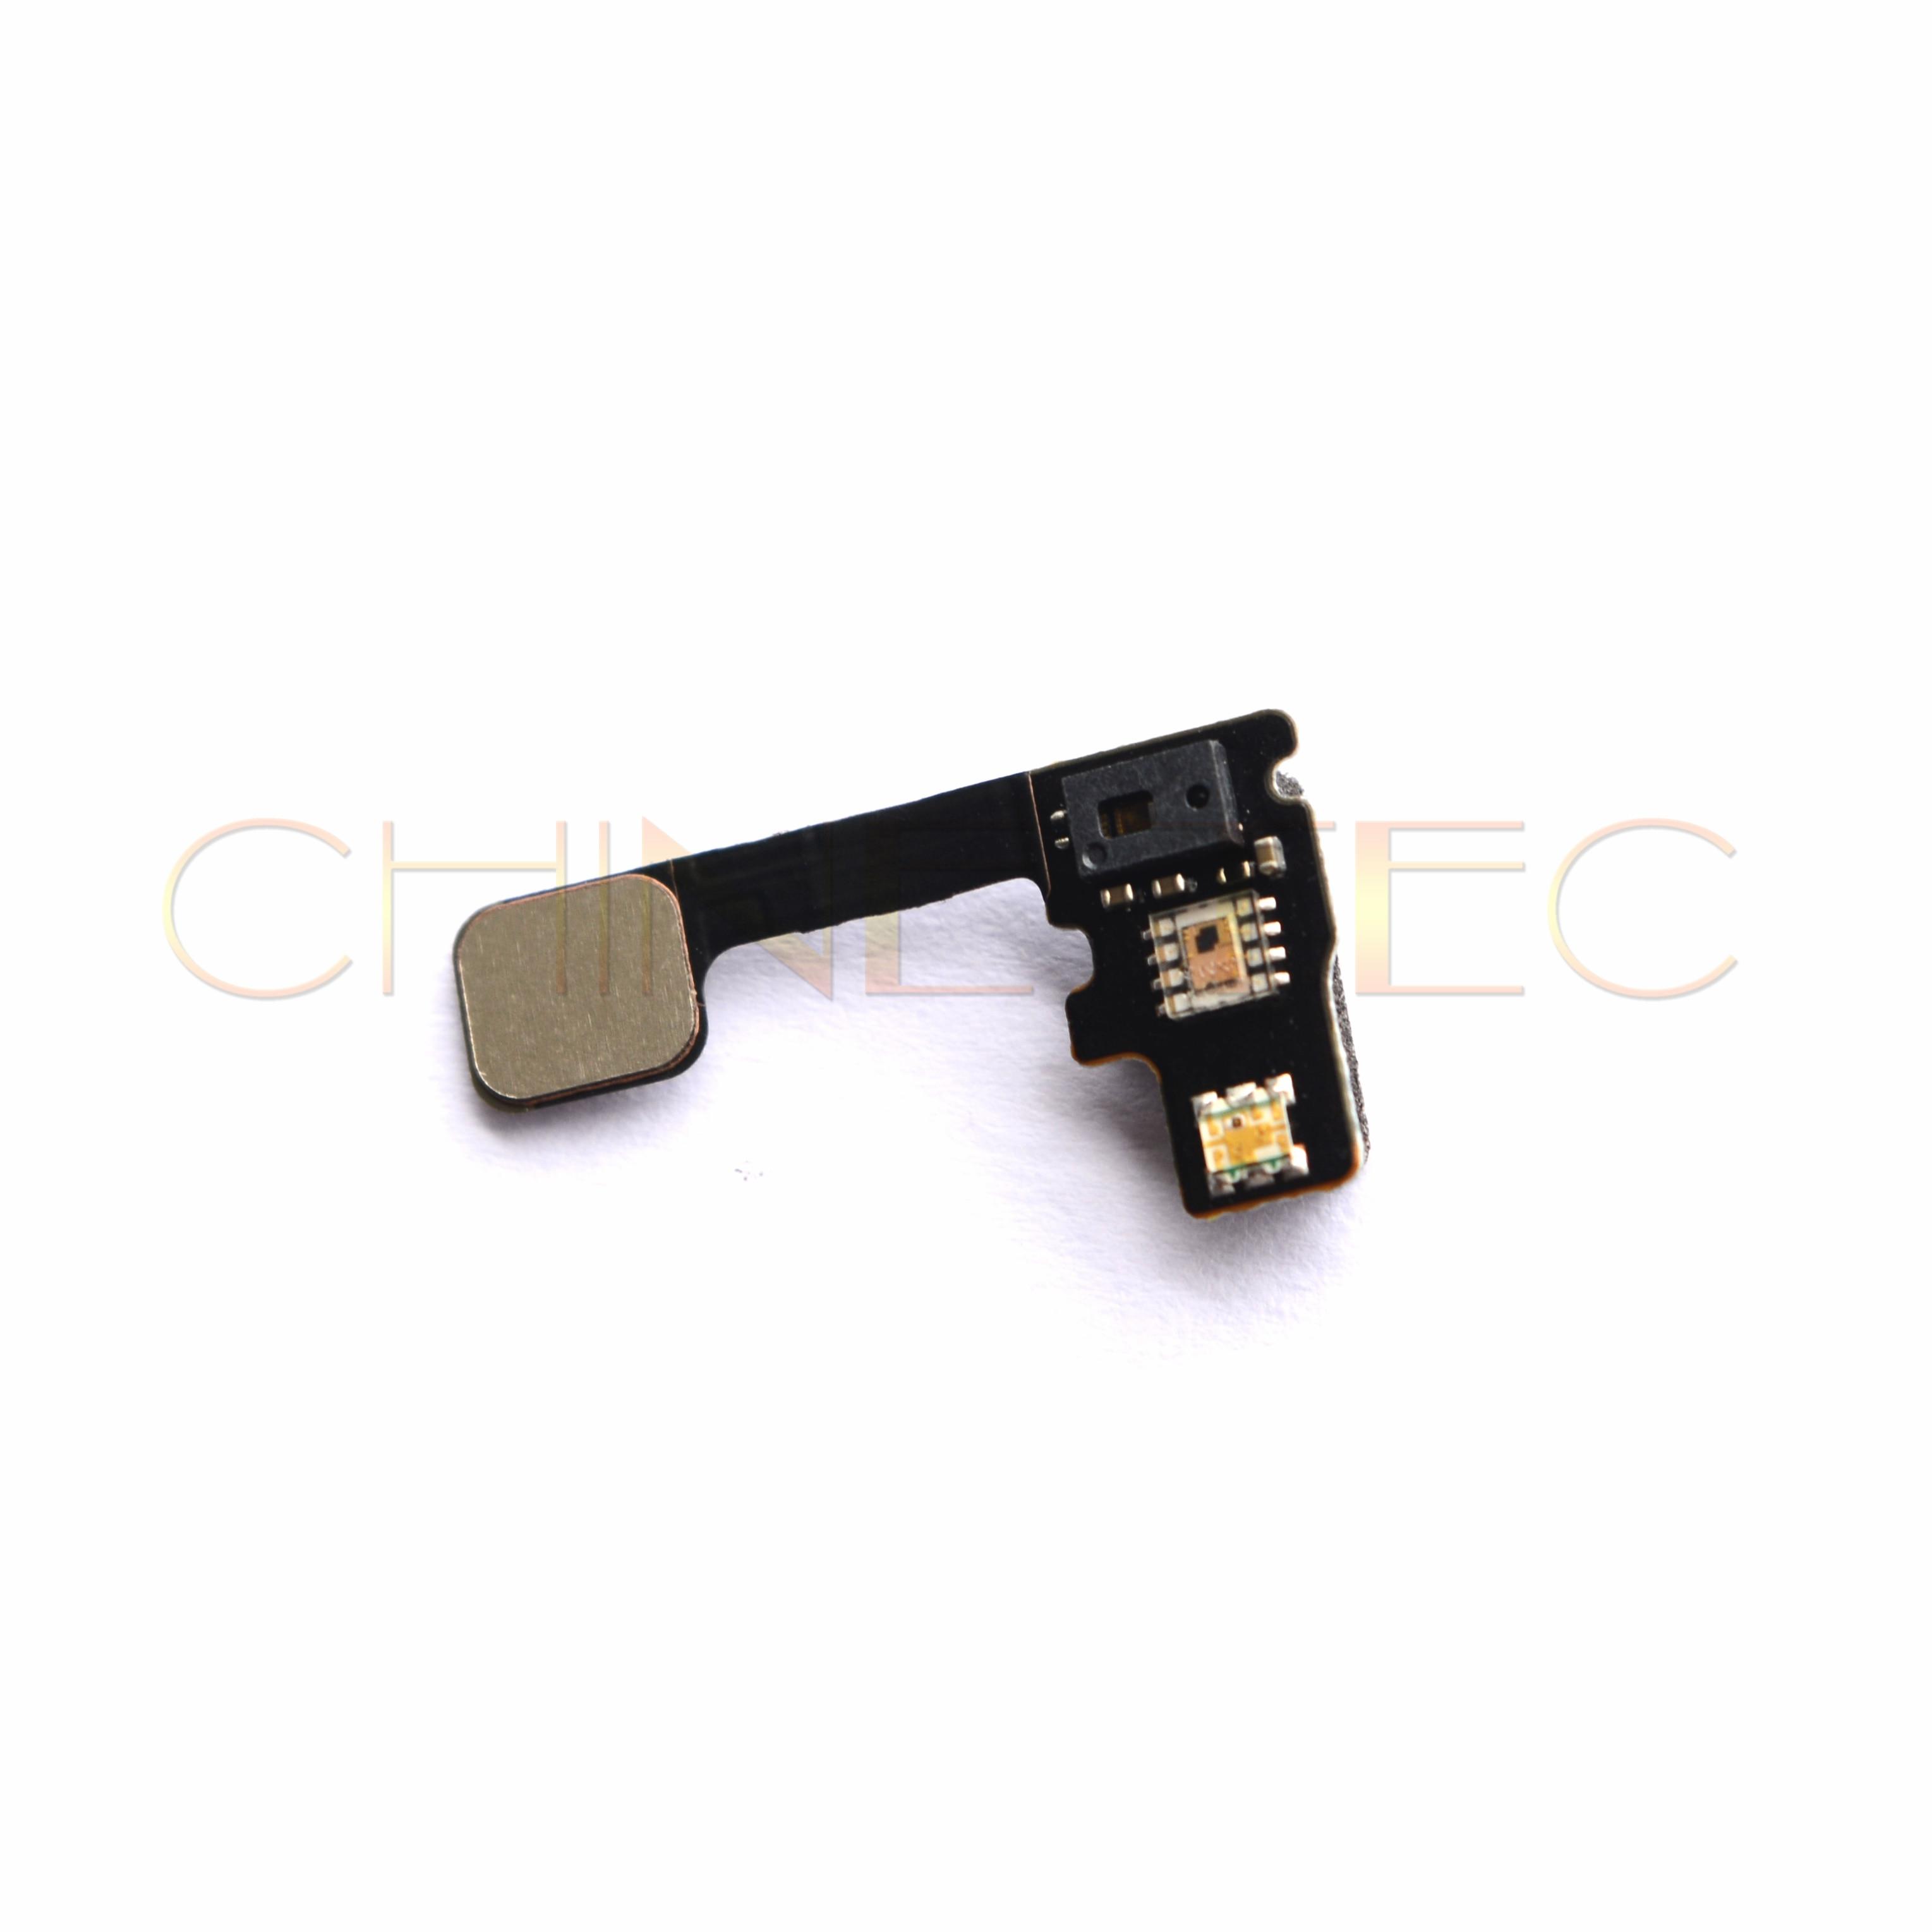 Cable flexible para Sensor de luz de proximidad, para Xiaomi 5S Mi5S Mi 5S, línea de detección de distancia, módulo de cinta de conector